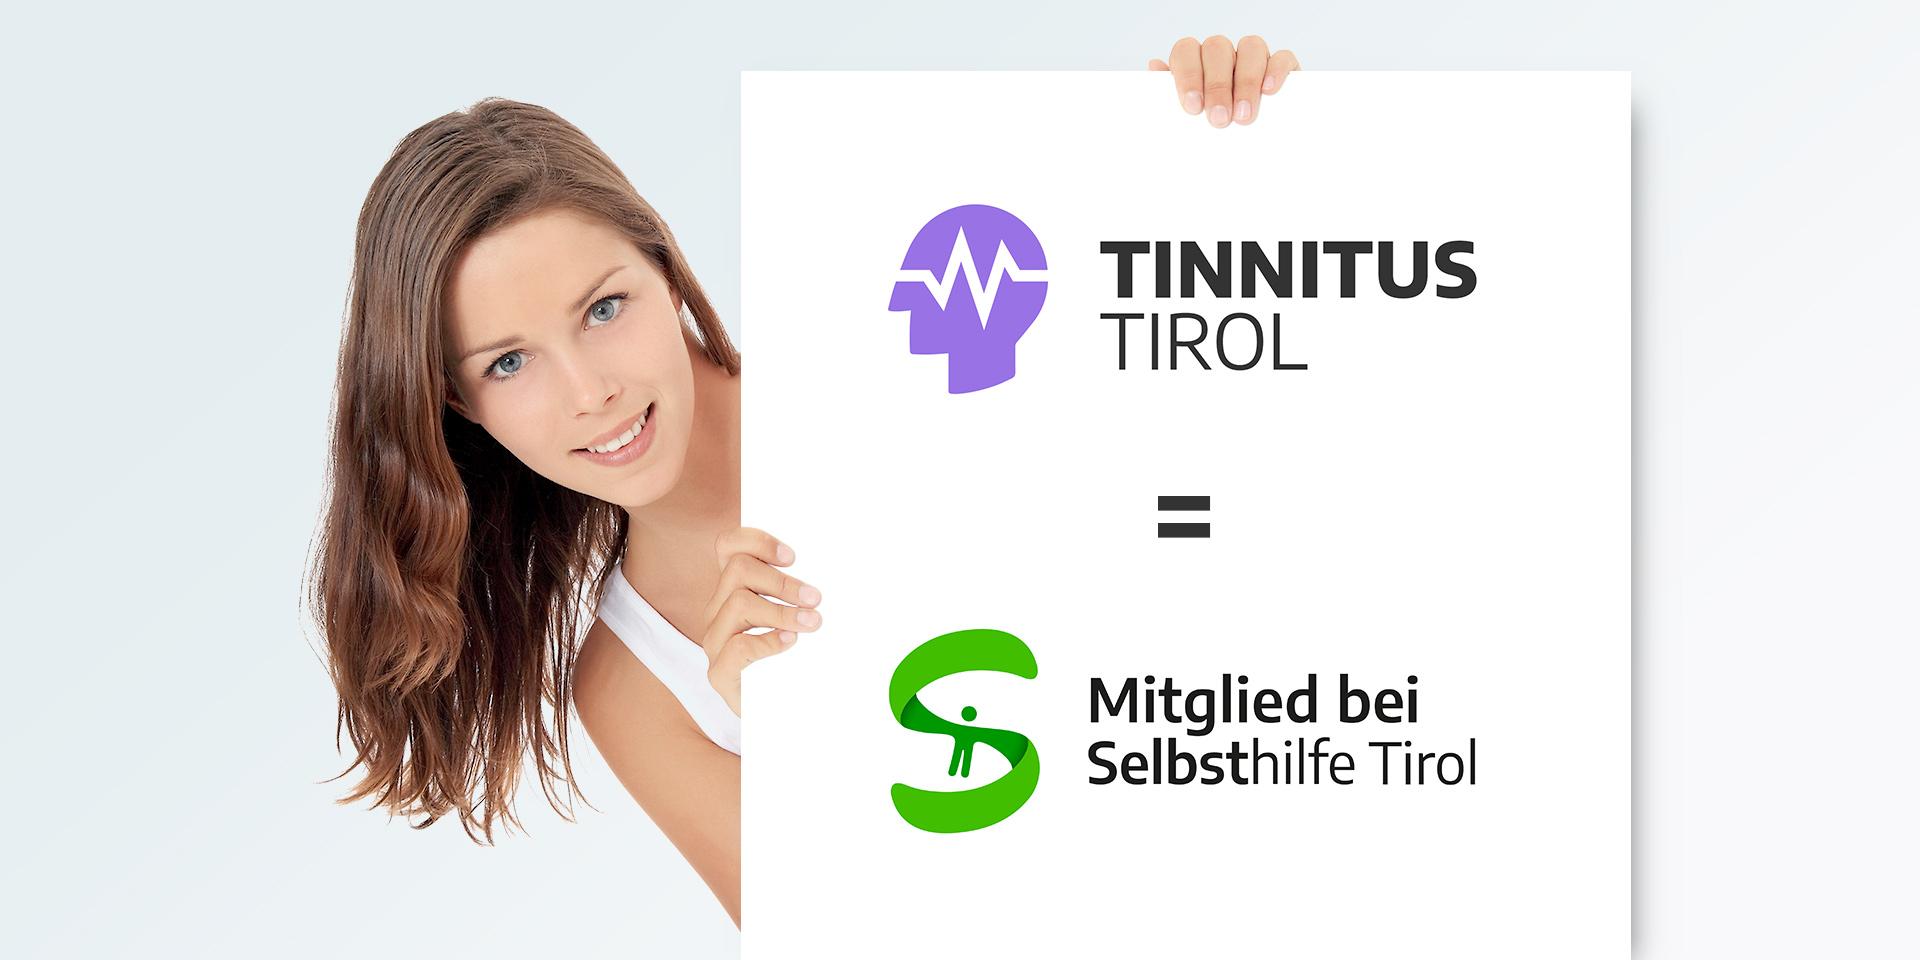 Wir sind Mitglied bei Selbsthilfe Tirol